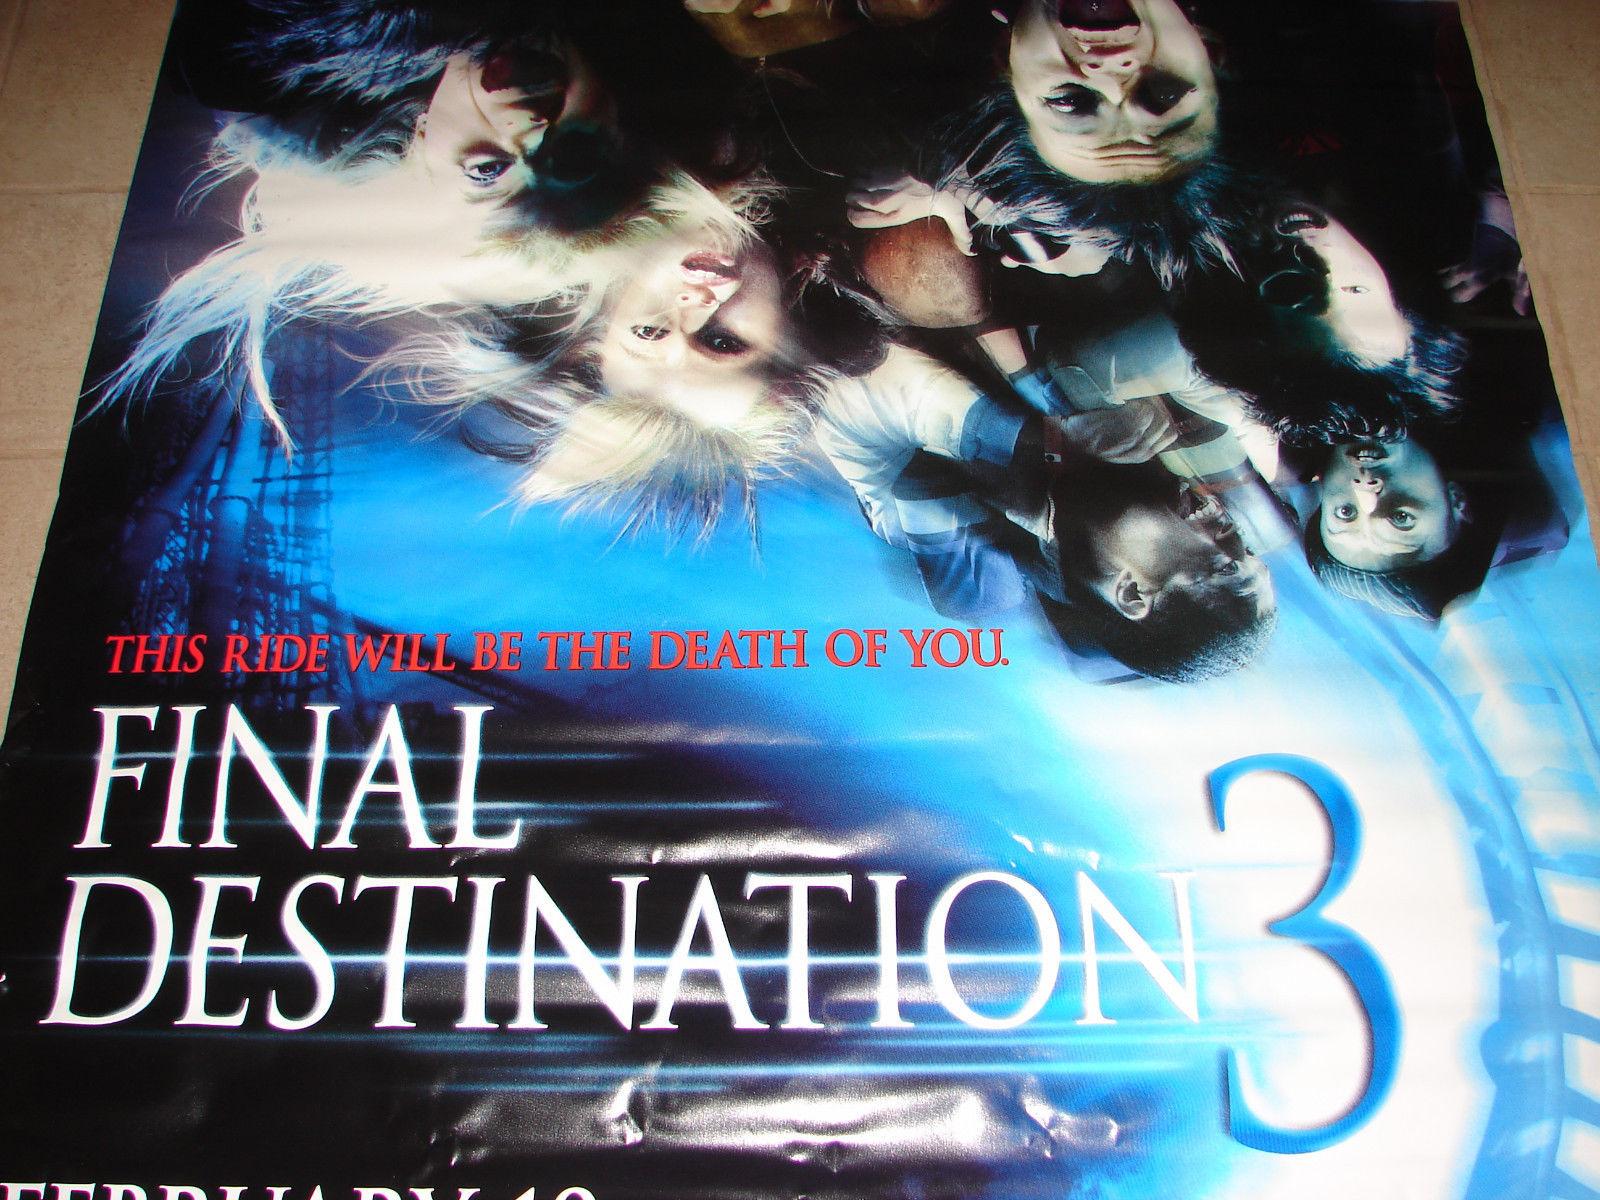 2006 FINAL DESTINATION 3 Original Movie Vinyl Theater Lobby Banner 58x90 (24)